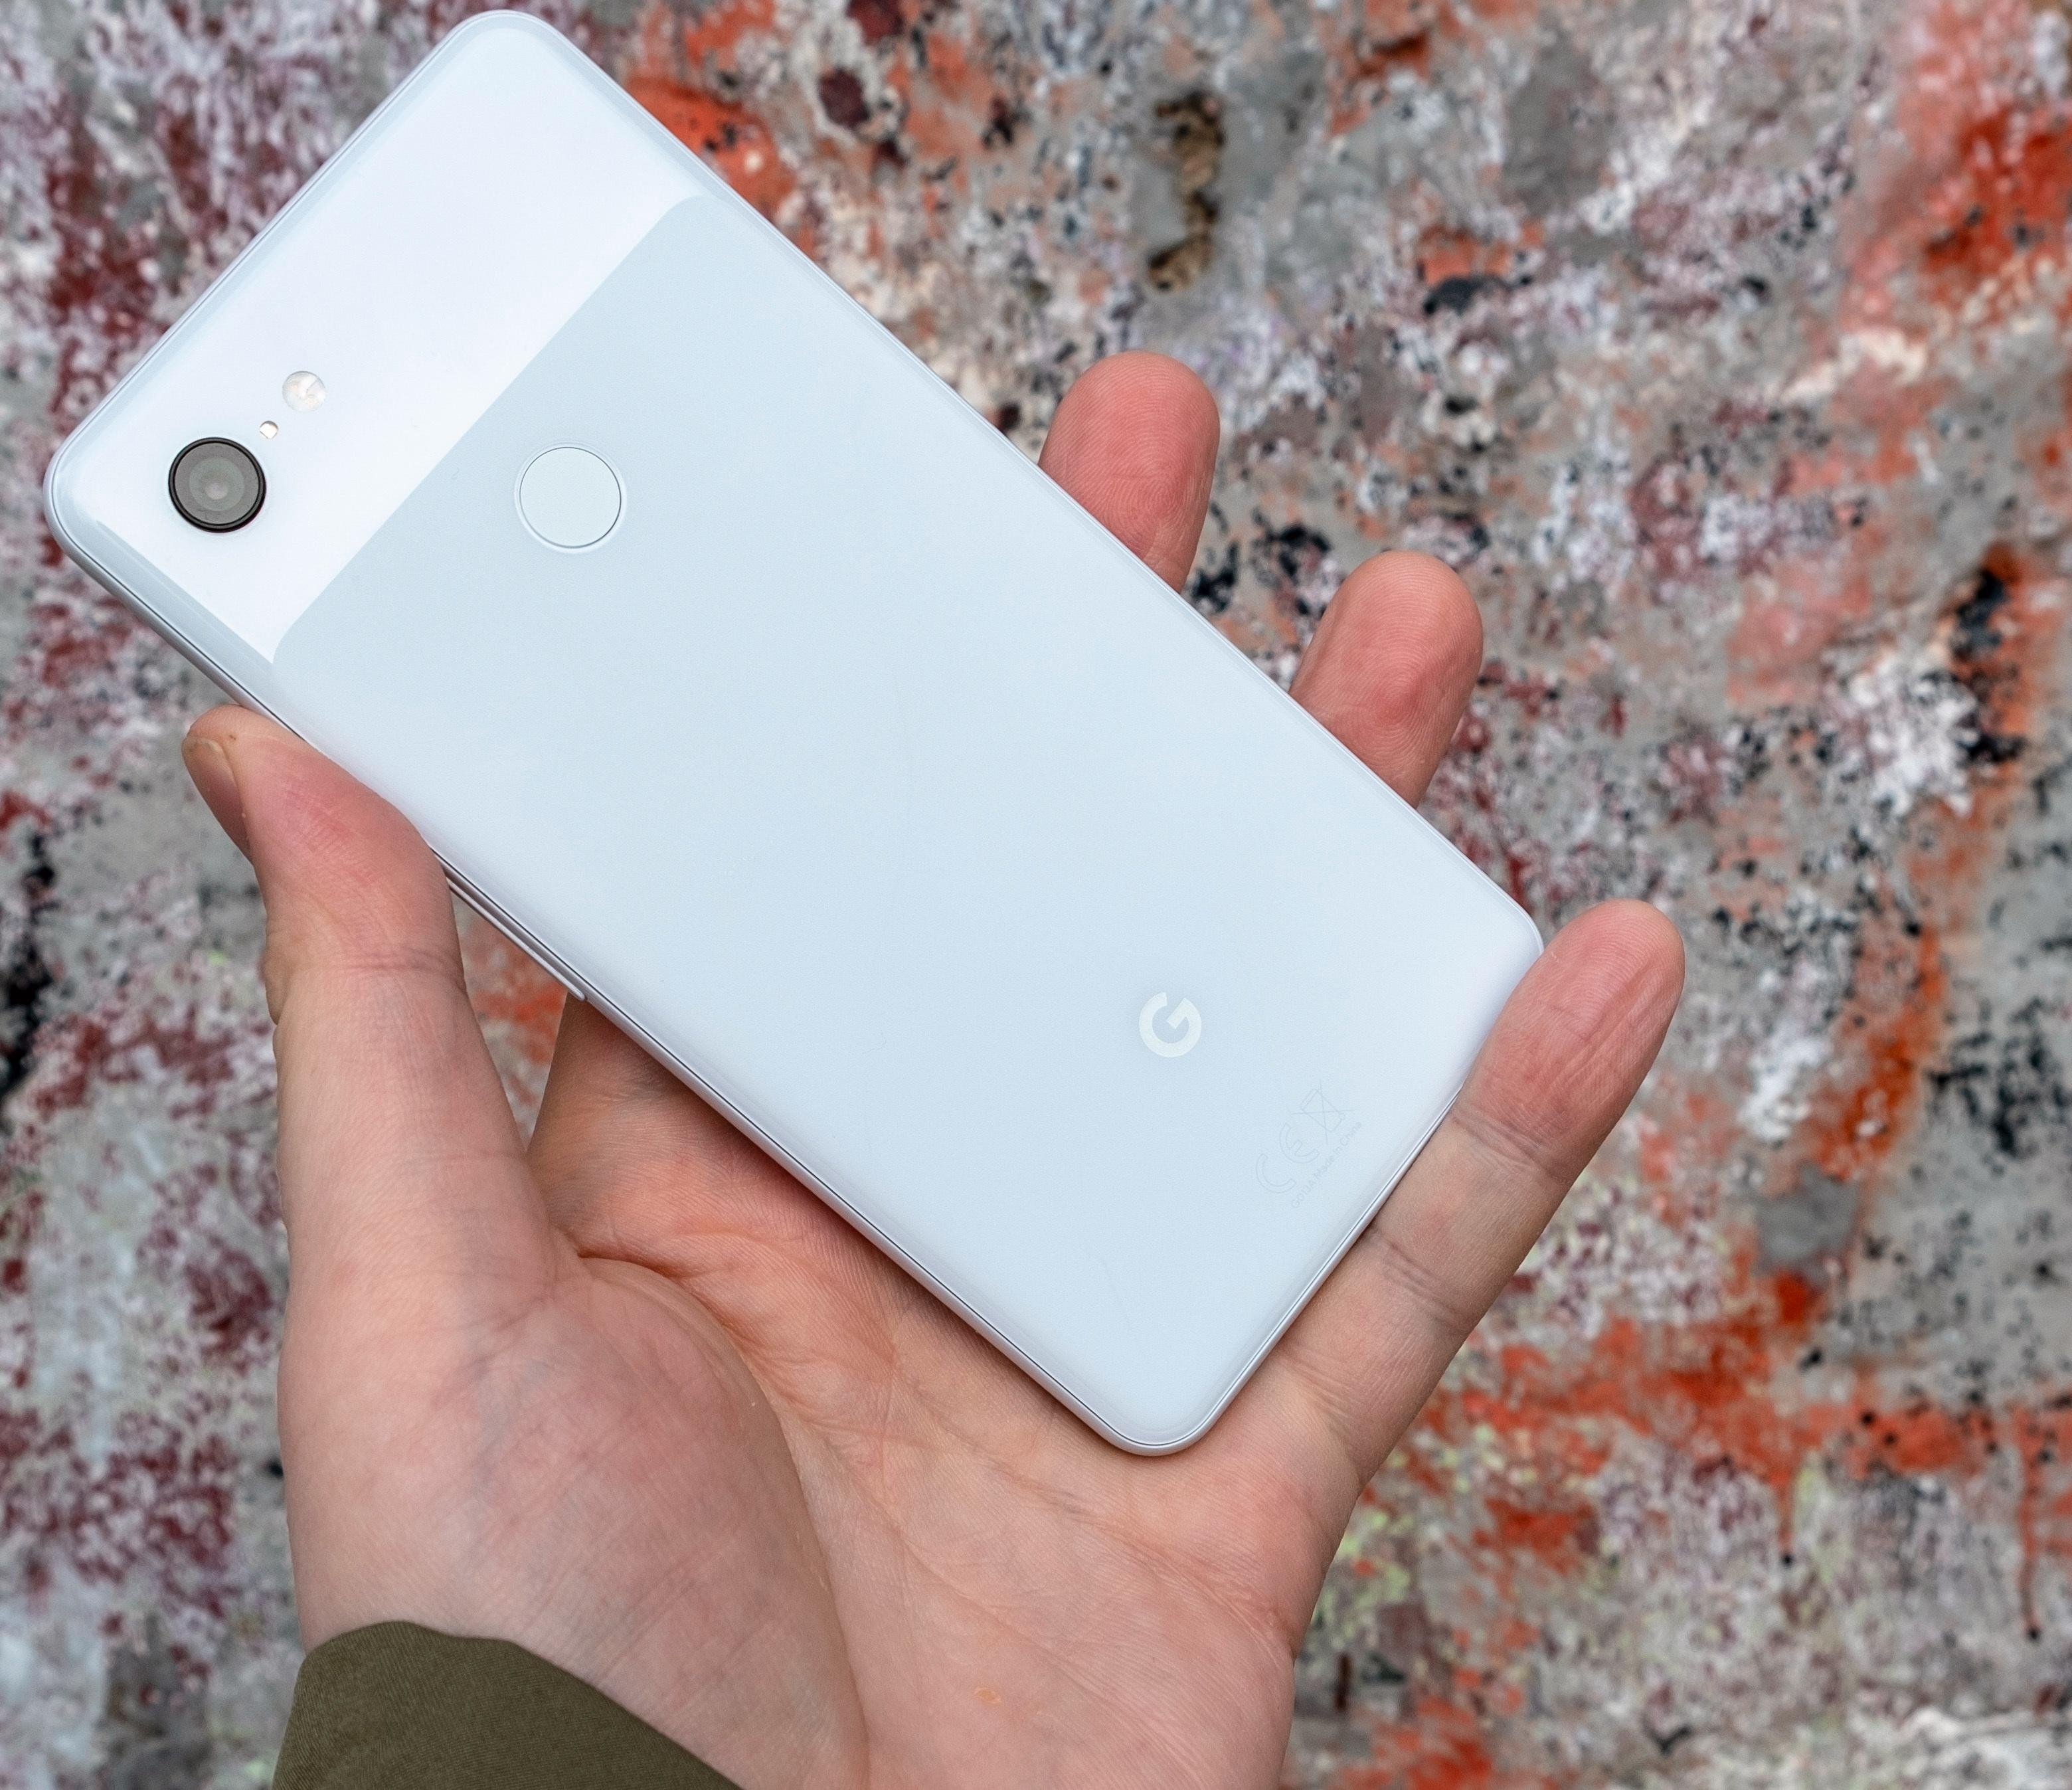 Den enkle baksiden lyver litt om hvor god Pixel 3 XL er - den er vesentlig bedre enn den ser ut ved første øyekast.